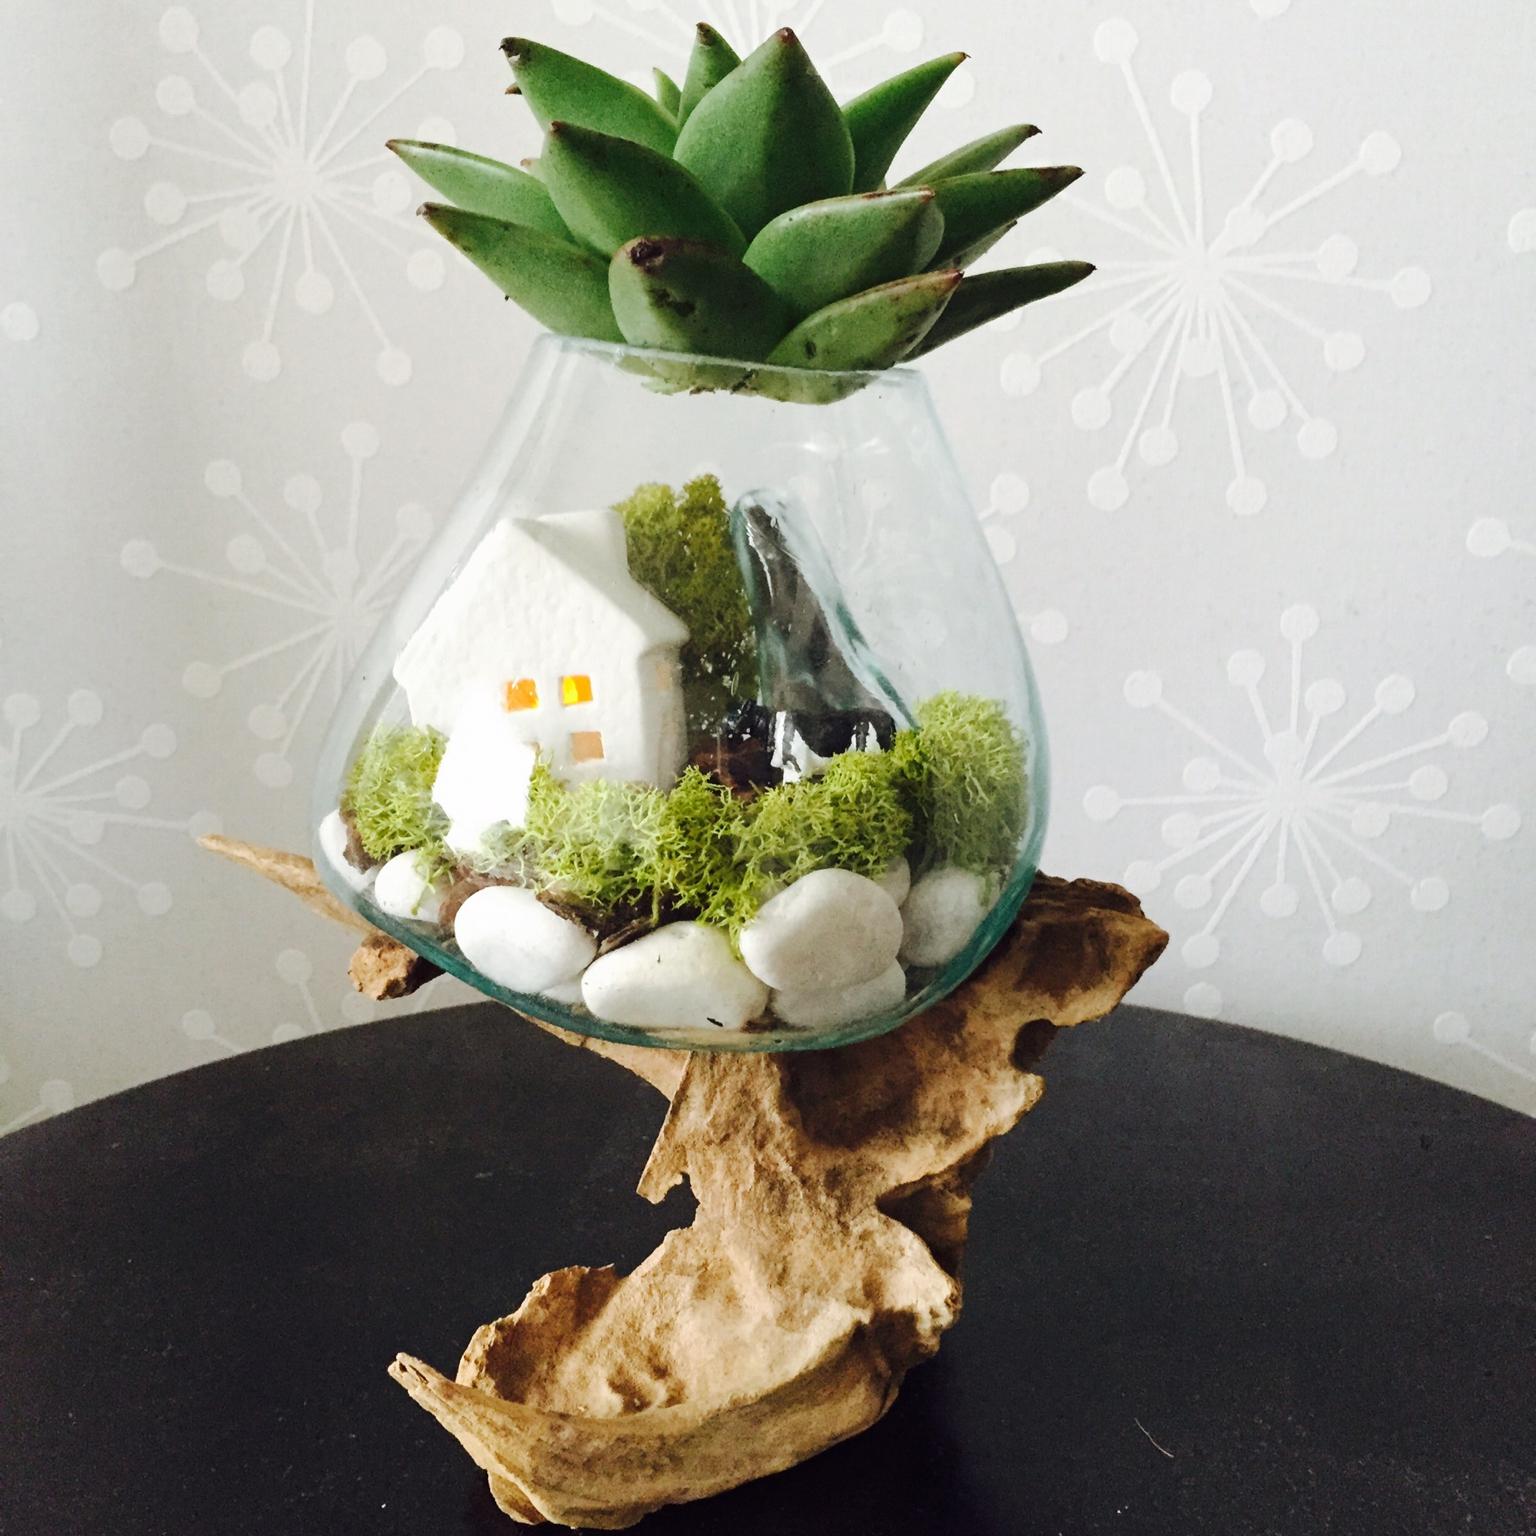 【テラリウムの作り方】苔や多肉植物で小さなお庭を作りませんか? | RoomClip mag | 暮らしとインテリアのwebマガジン